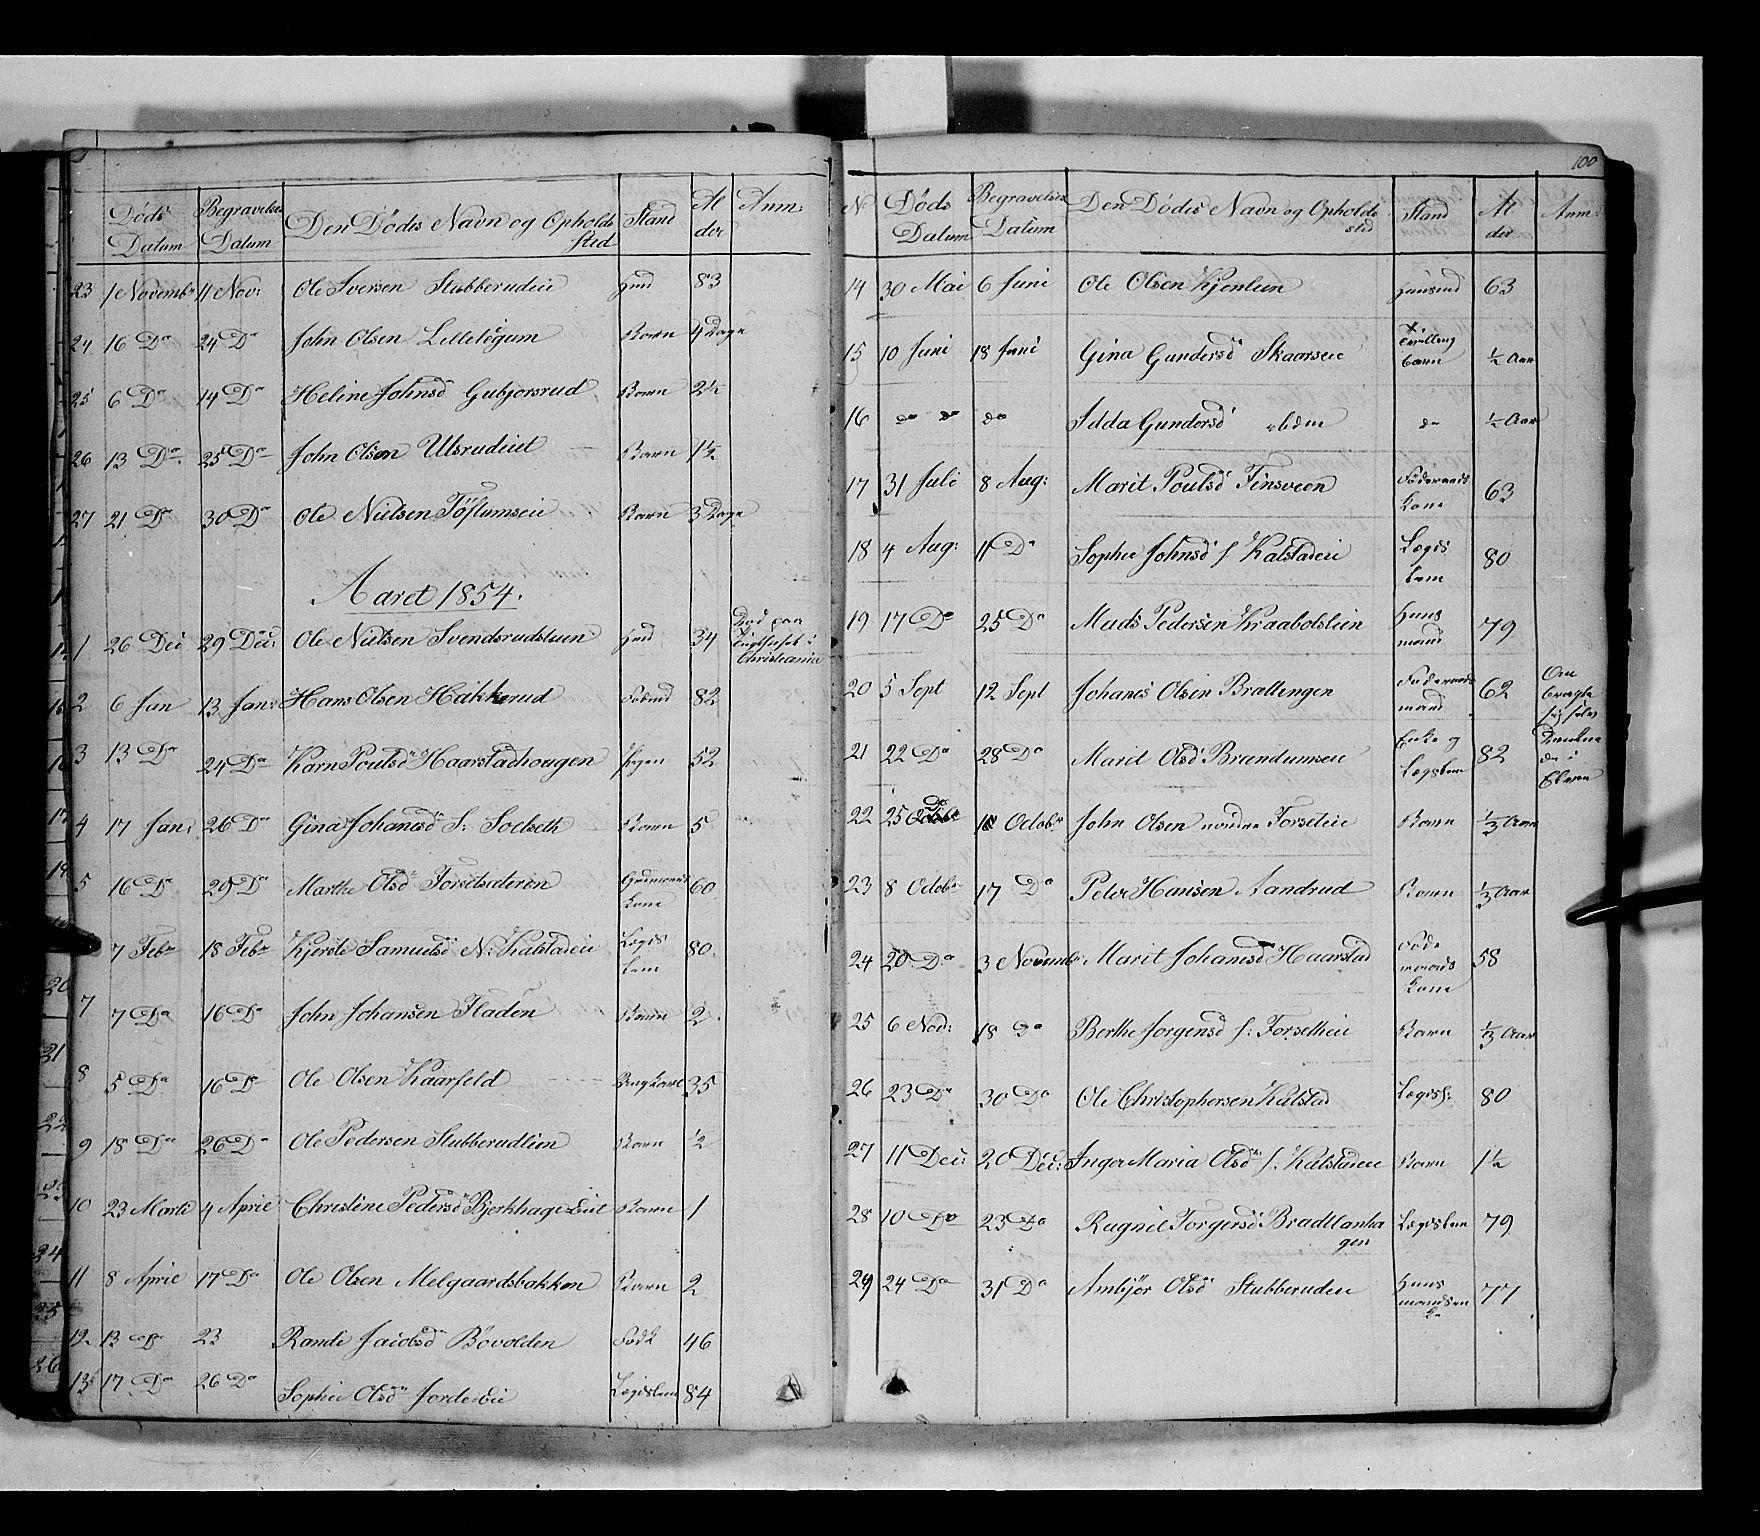 SAH, Gausdal prestekontor, Klokkerbok nr. 5, 1846-1867, s. 100